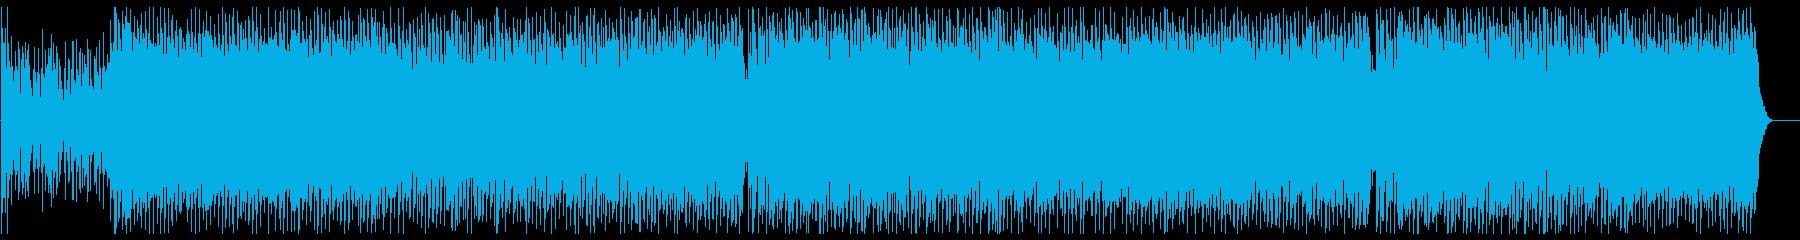 可愛らしいダンスポップ6 フル歌の再生済みの波形